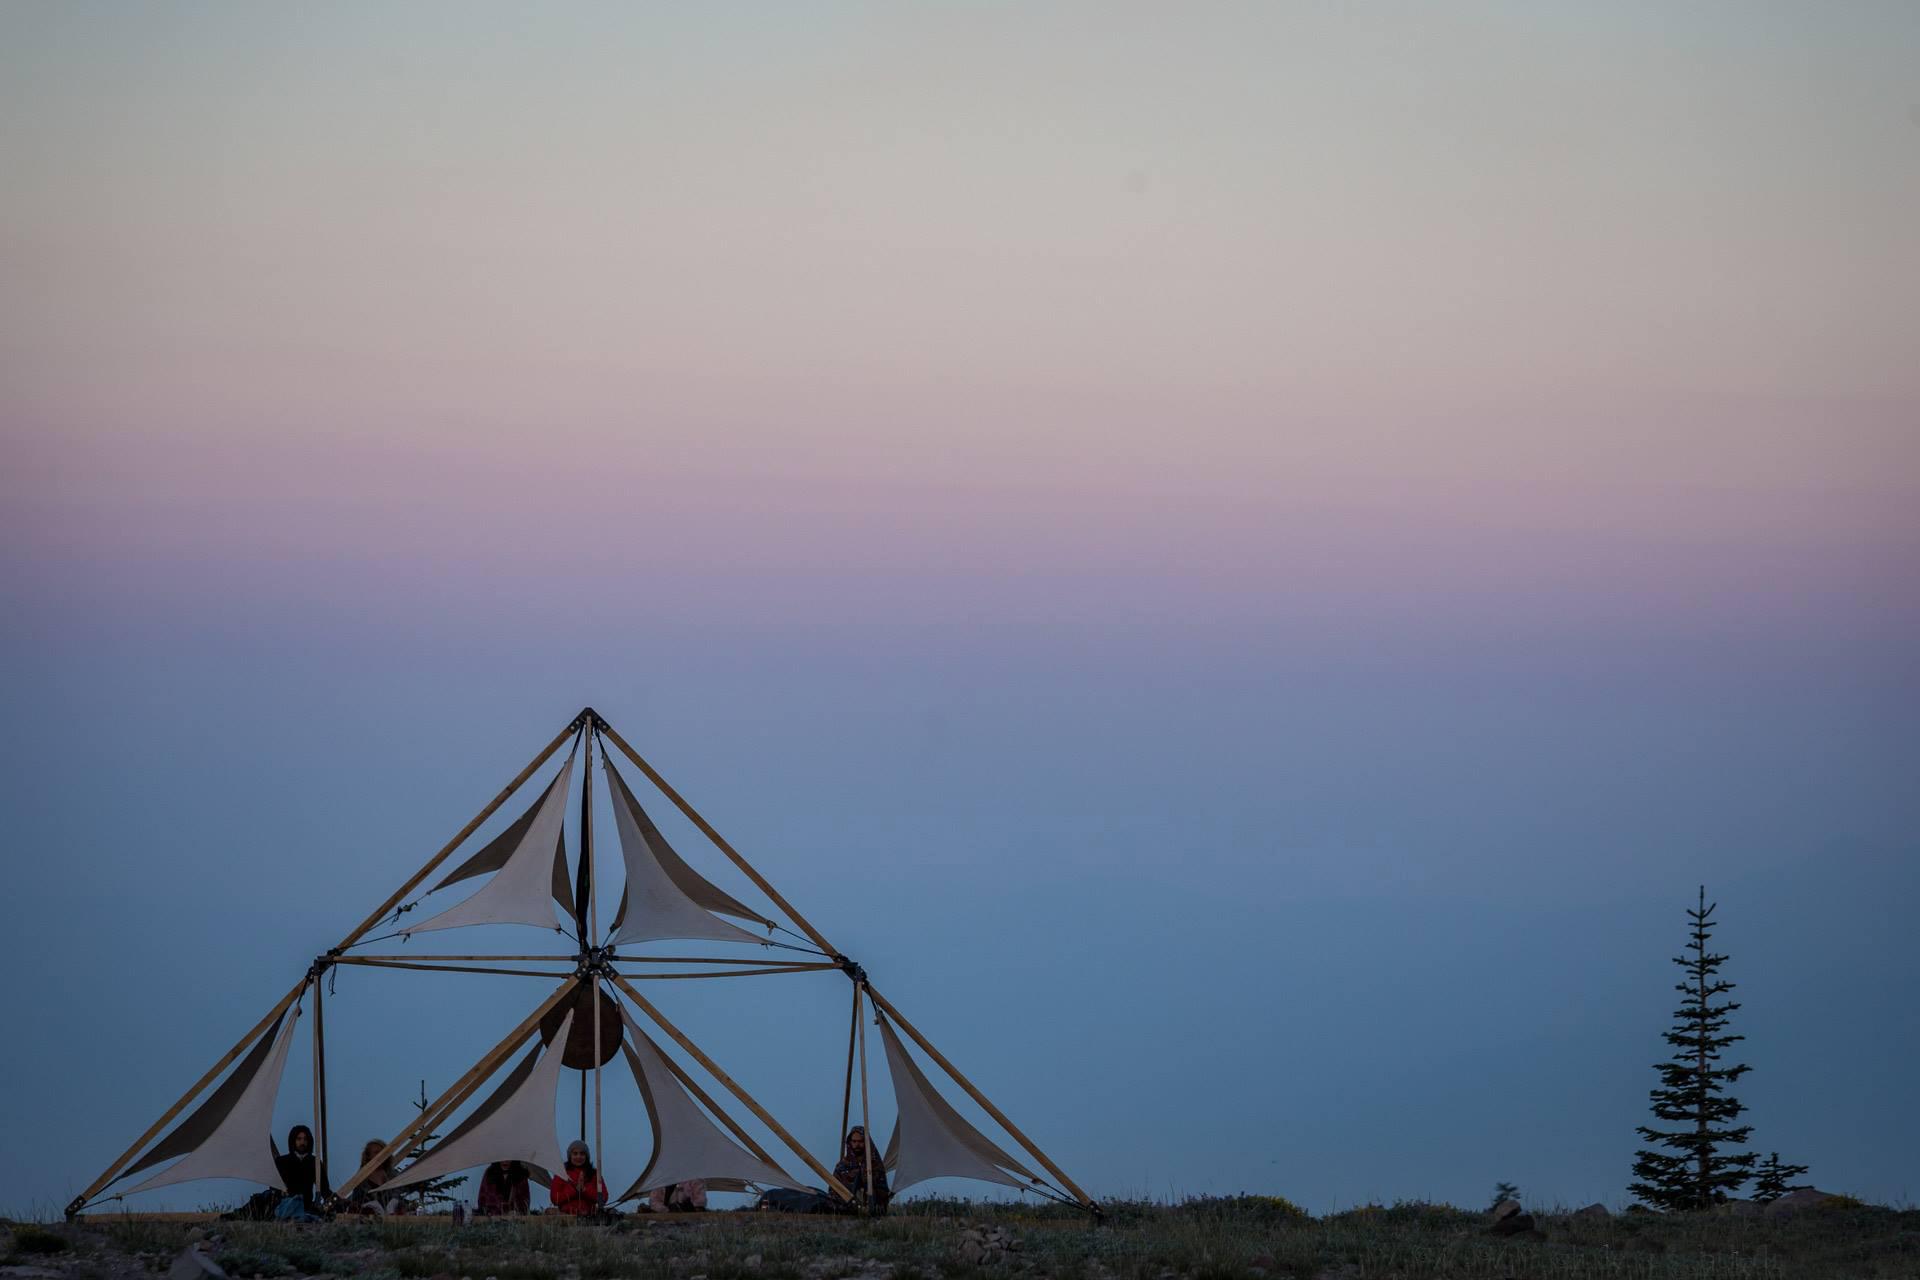 sunrise at Mount Shasta, CA